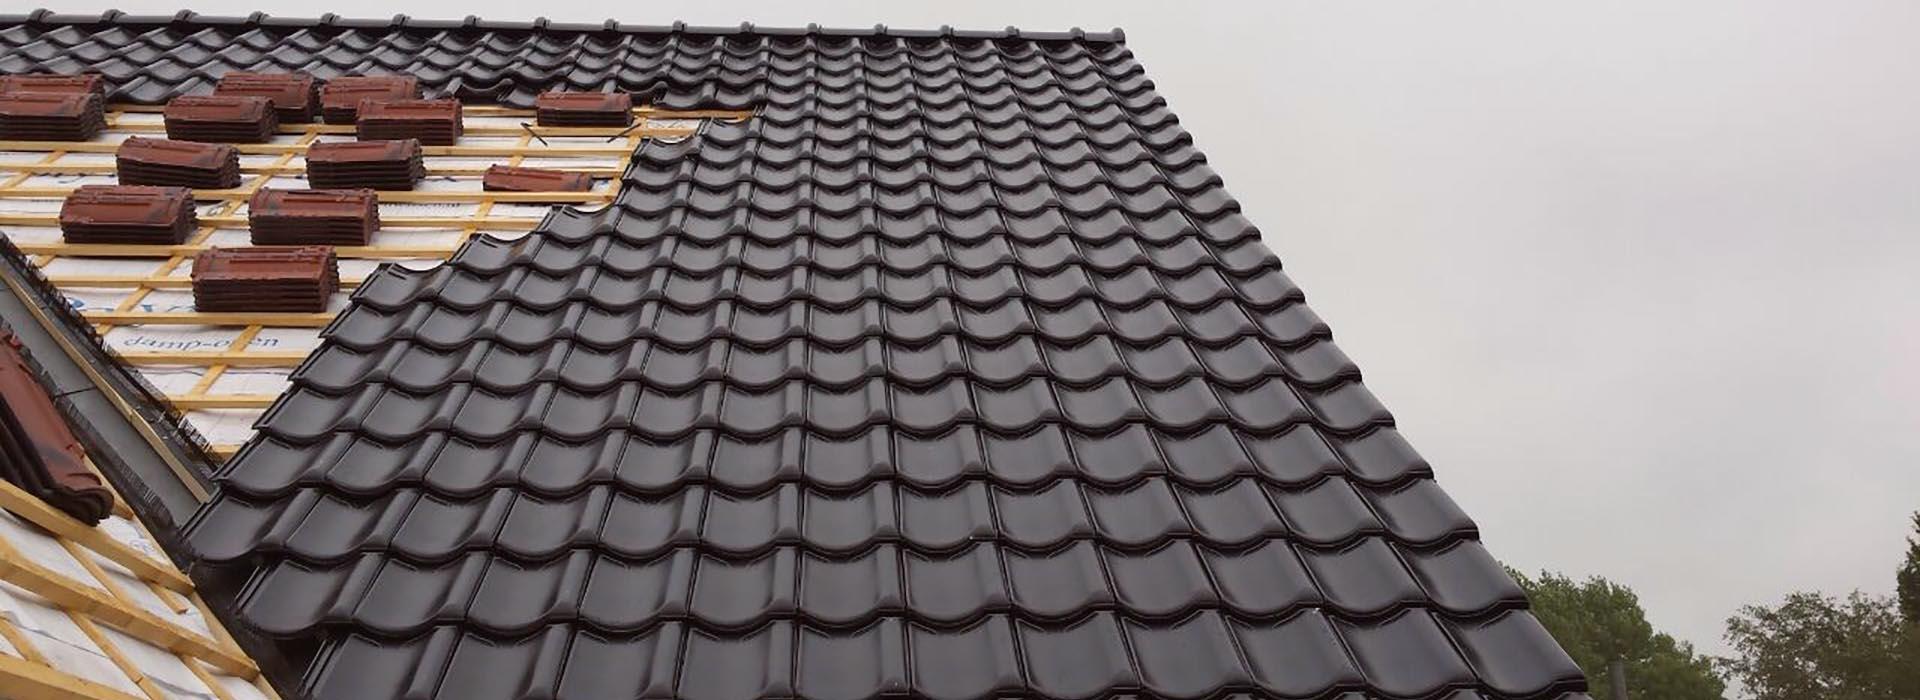 Dak & Vastgoedbeheer Nederland, dakwerkzaamheden, dakinspectie, schoorsteen renovatie, plat dak techniek, hellend dak techniek, lood en zinkwerk, schoorsteen inspectie